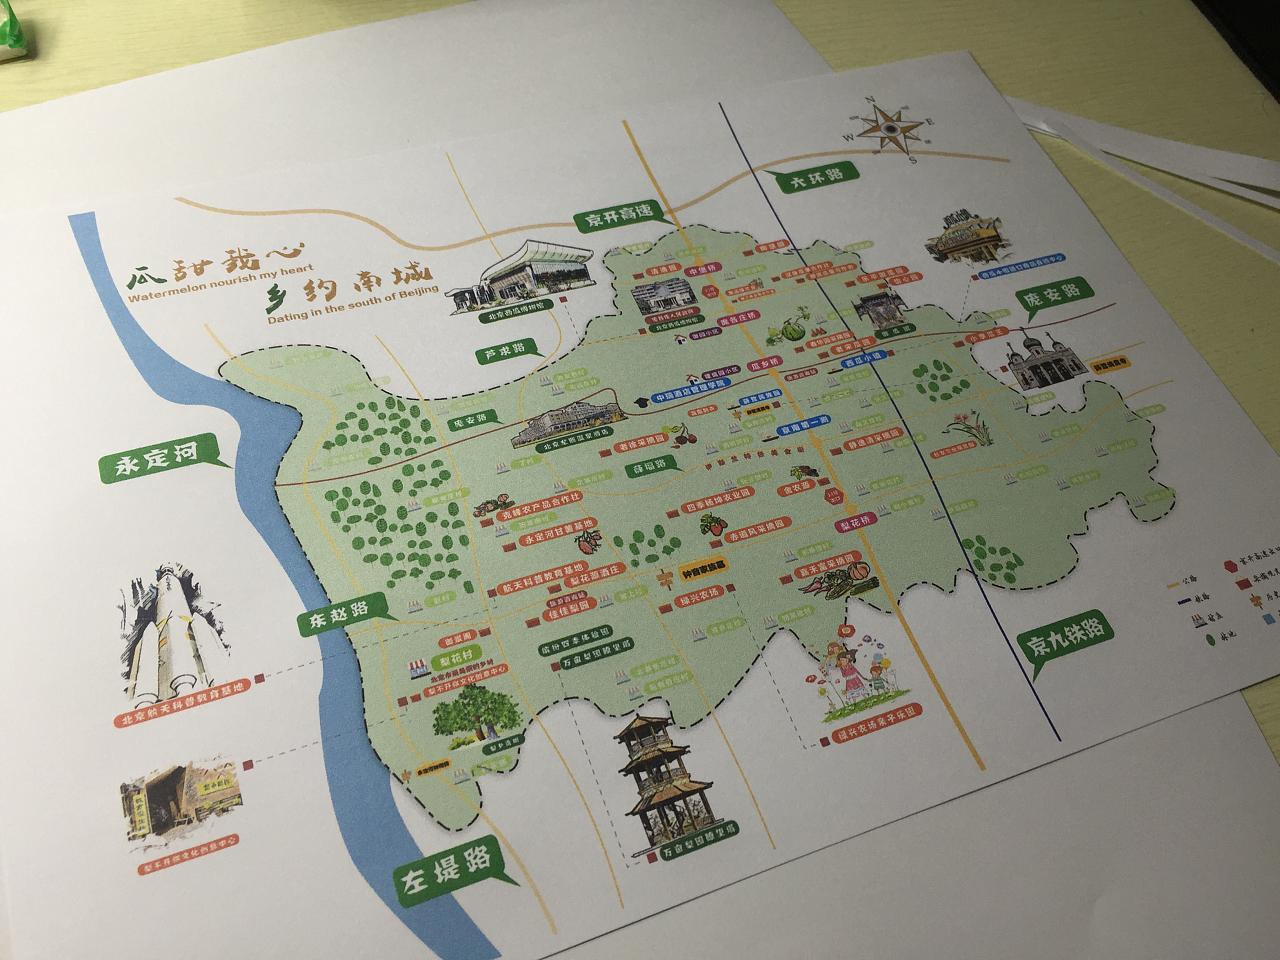 北京西瓜之乡手绘地图